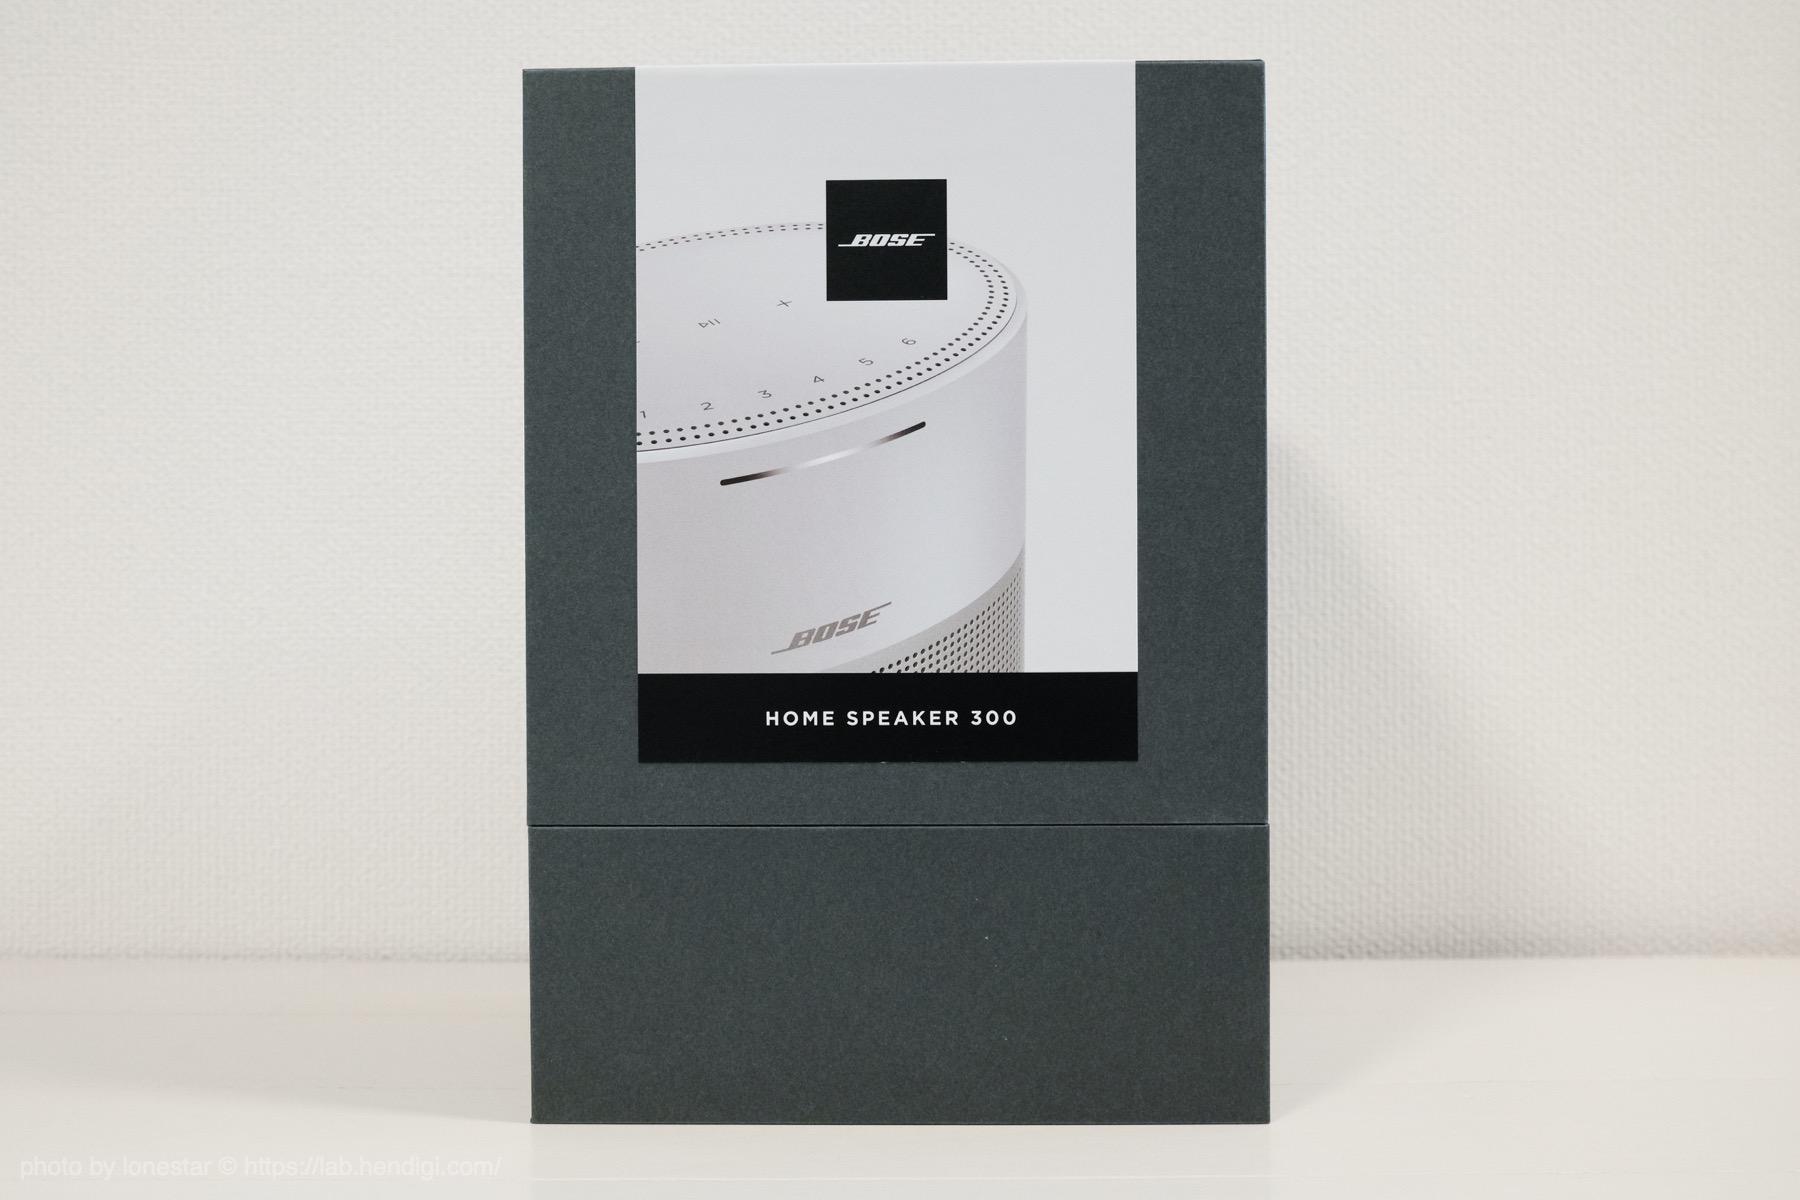 2位:Bose Home Speaker 300